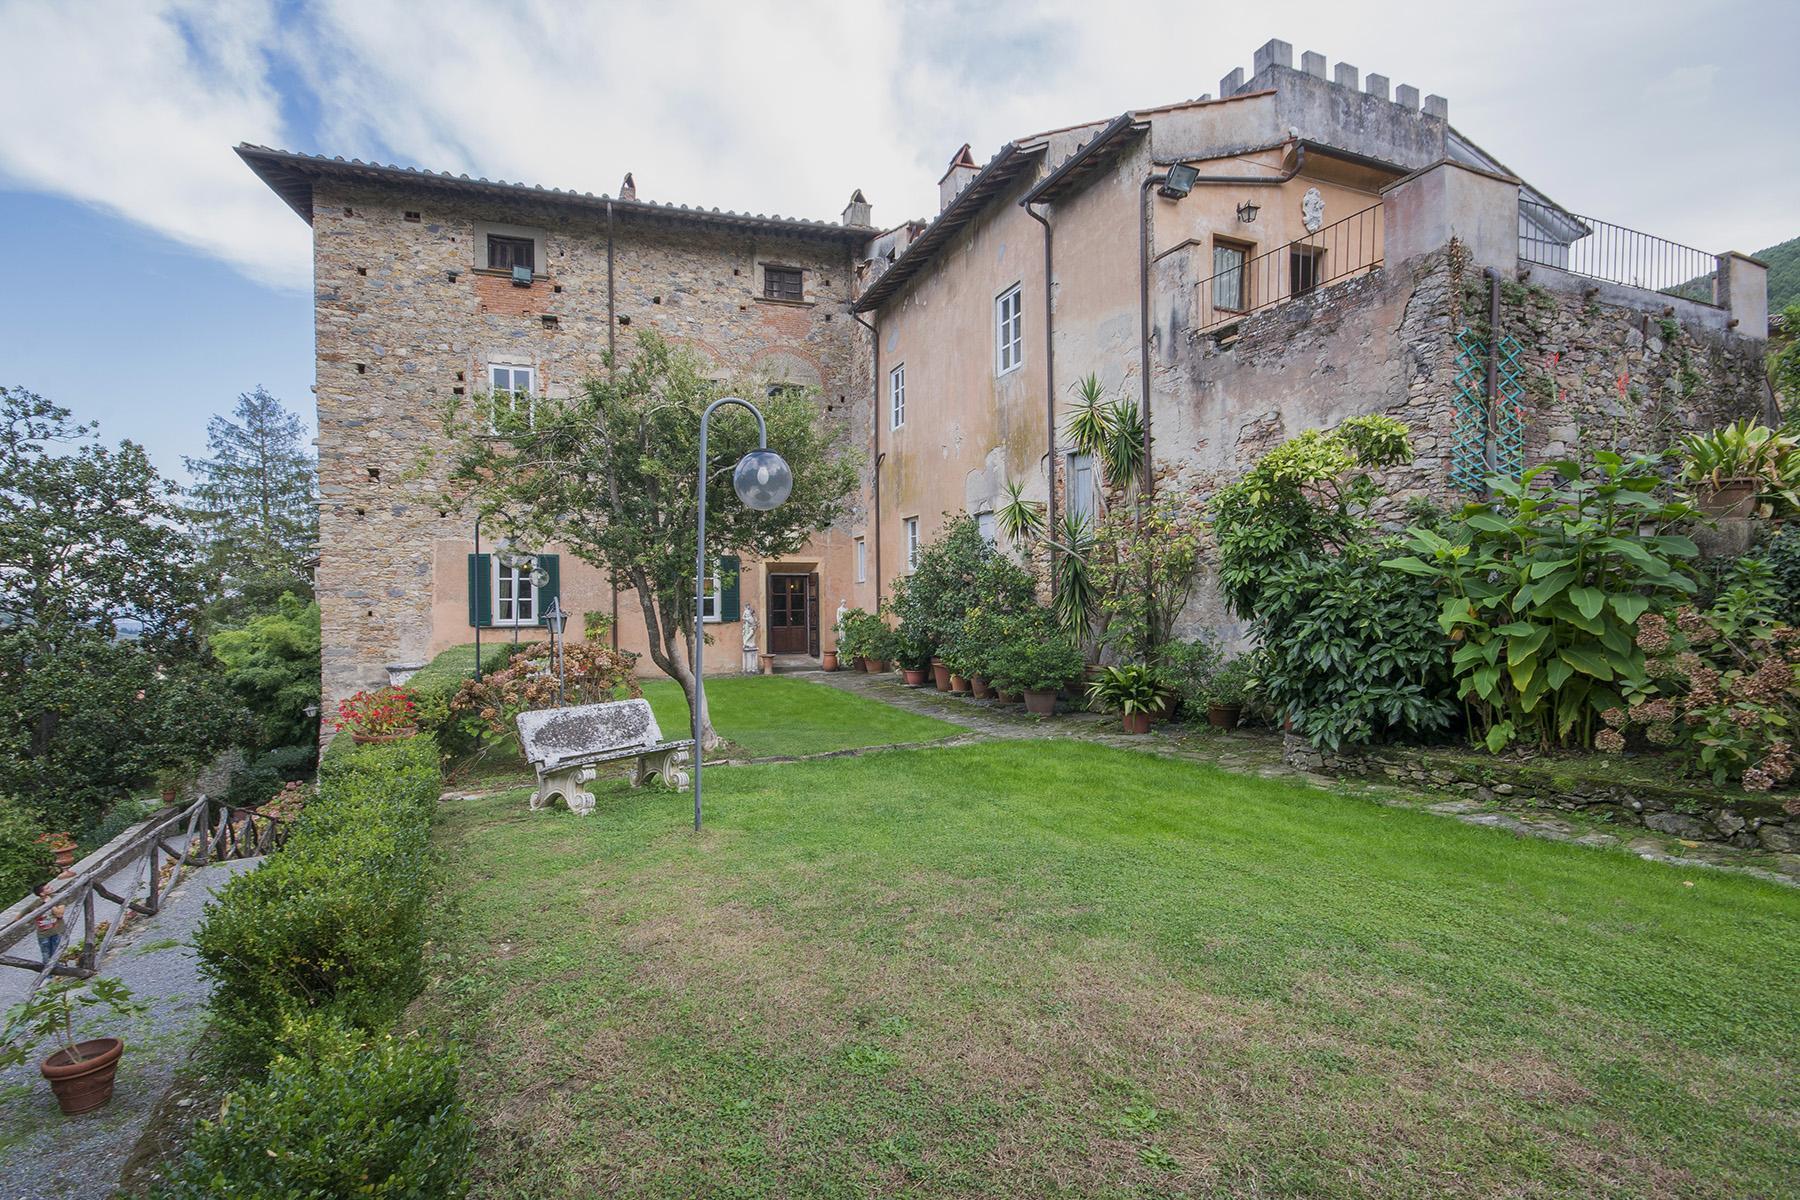 Meravigliosa Villa Medicea sulle colline Pisane - 2